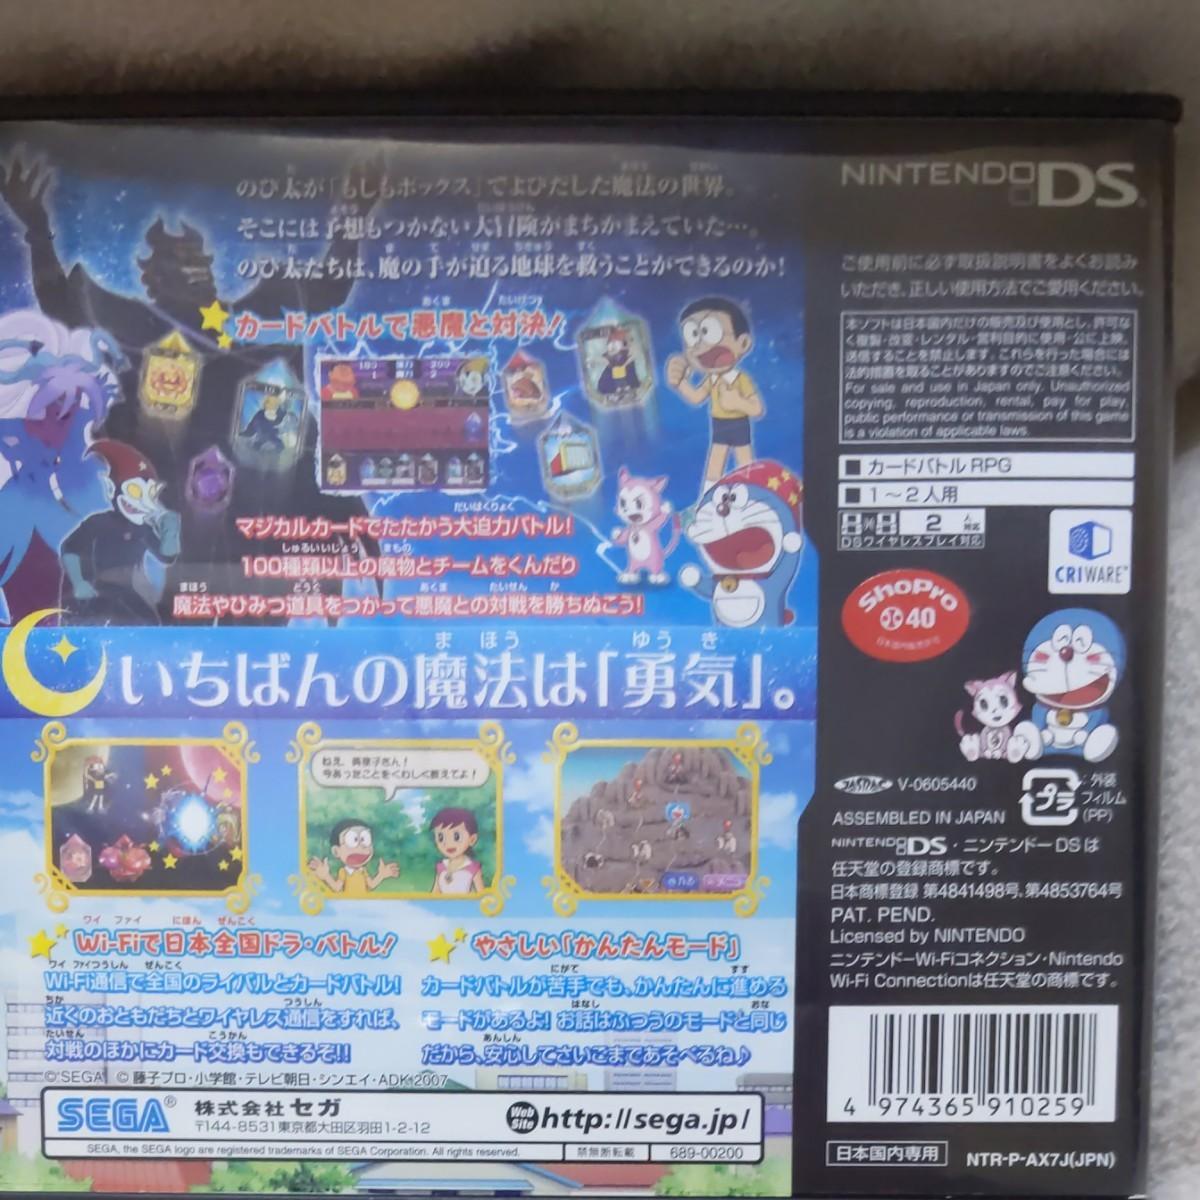 DSソフト ドラえもんのび太の新魔界大冒険DS ポケットモンスター ソウルシルバー ドラゴンクエスト 任天堂